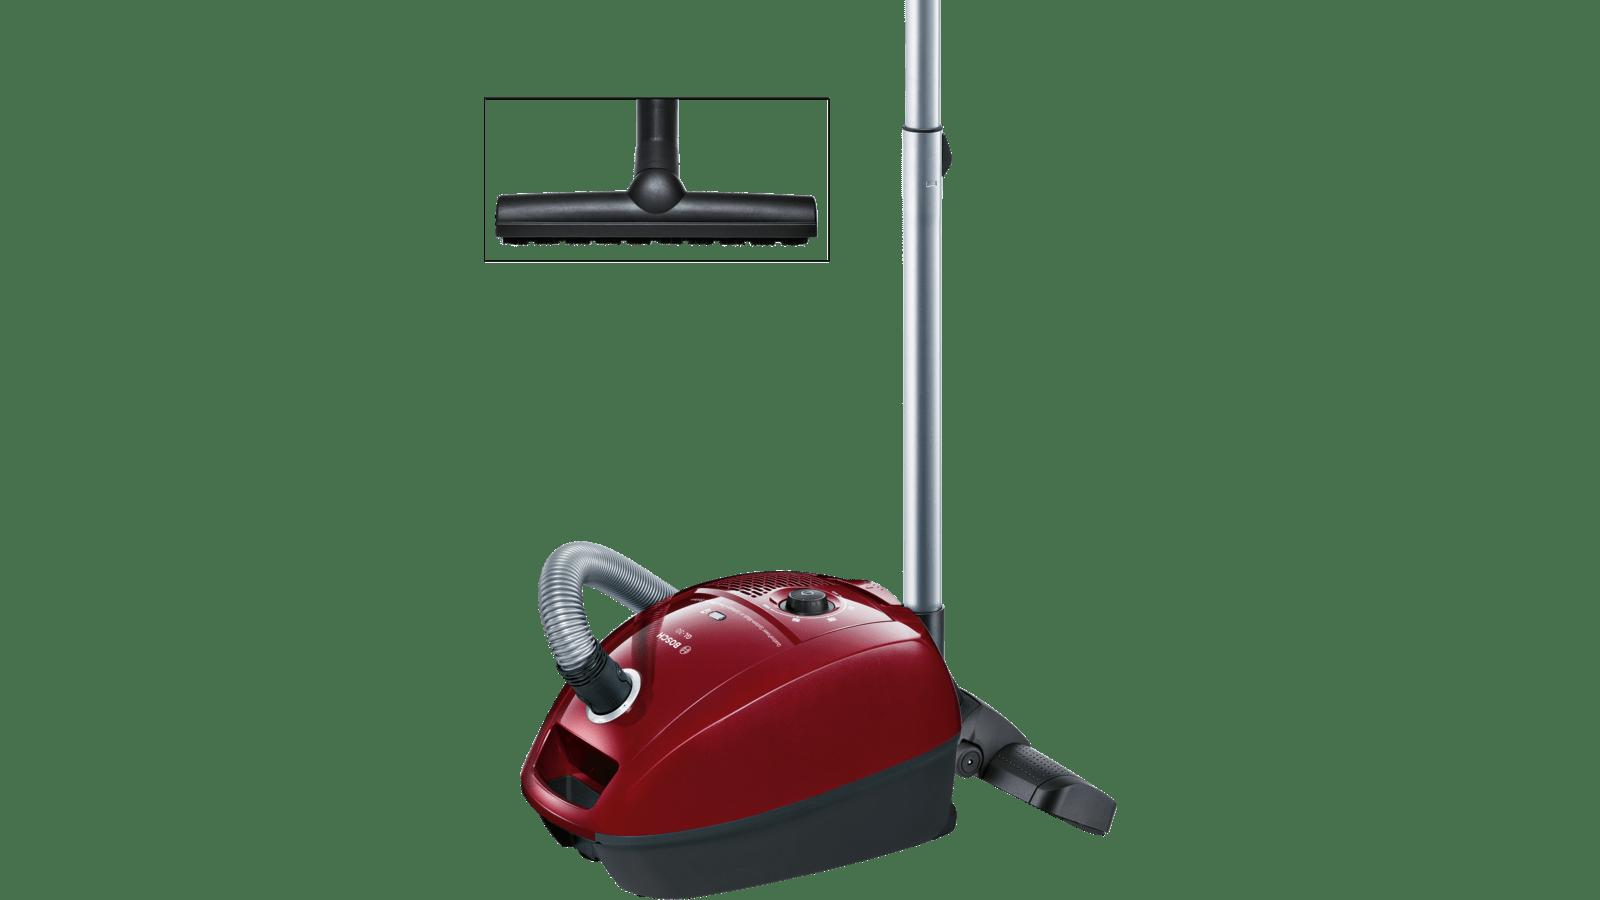 Cen-Tec Systems Manguera para aspiradoras de hogar y tienda con adaptador de herramienta de potencia para la recogida de polvo plateado